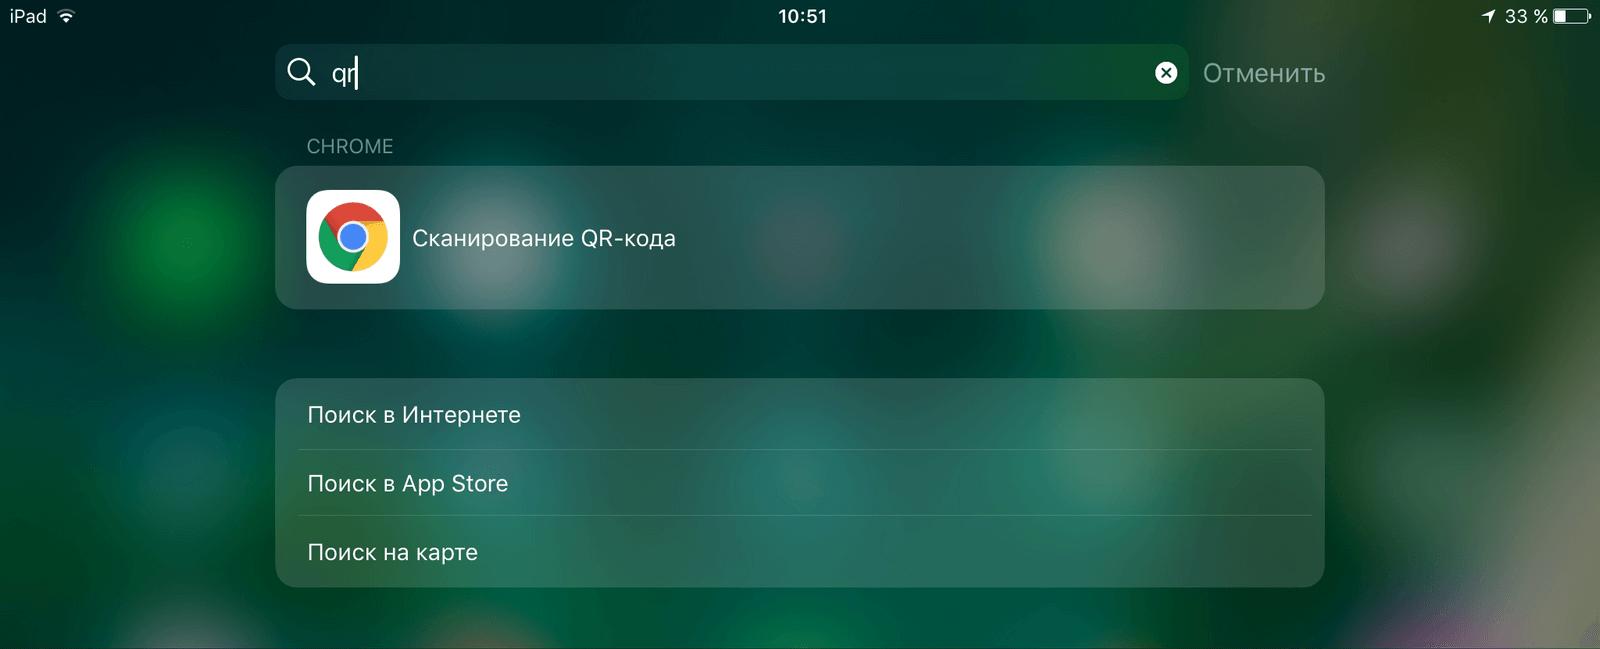 Как сканировать QR-коды с помощью Chrome на вашем iPhone